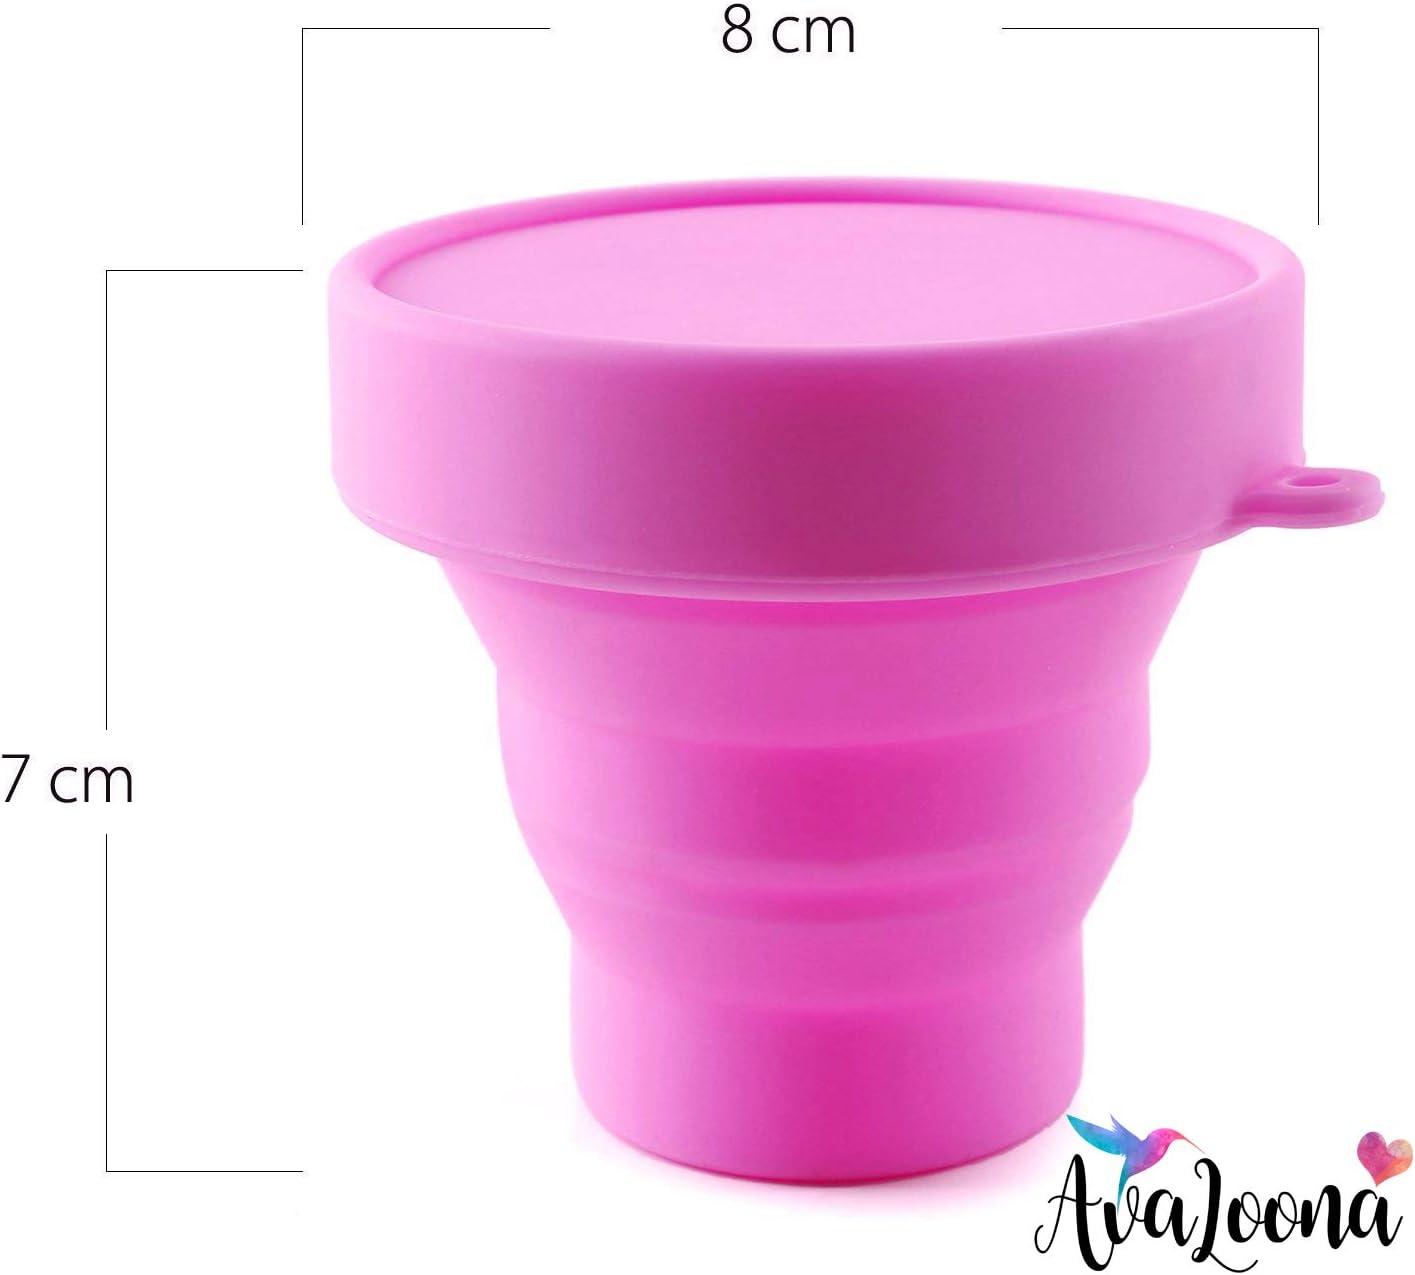 AvaLoona Esterilizador Plegable con Tapa para Copa Menstrual Fabricado en Silicona